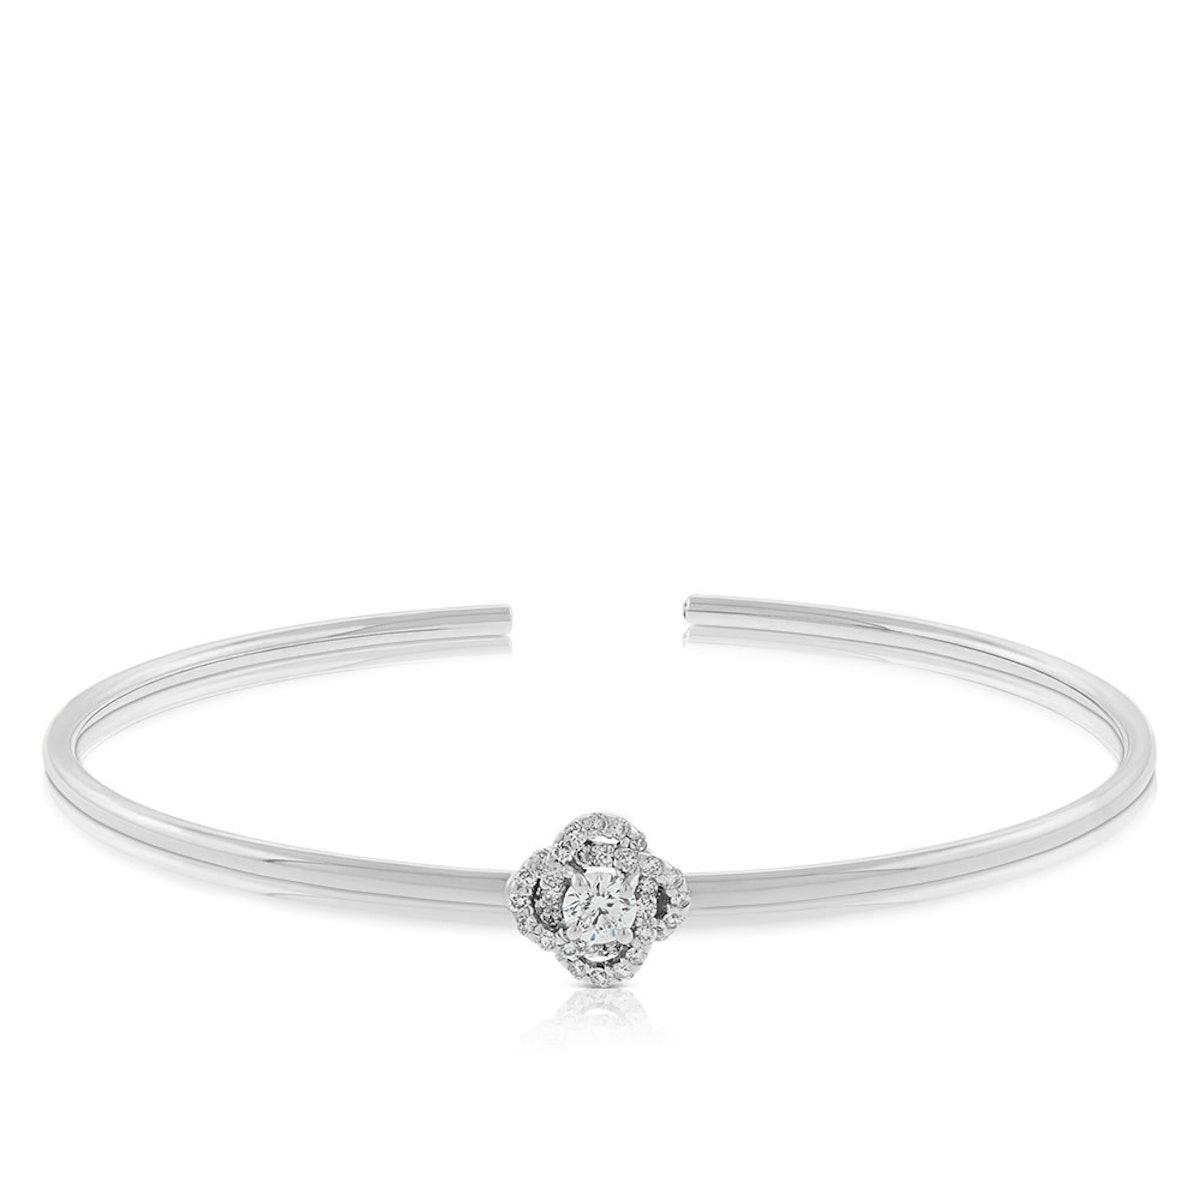 Signature Forevermark Diamond Flower Bangle in 18K White Gold